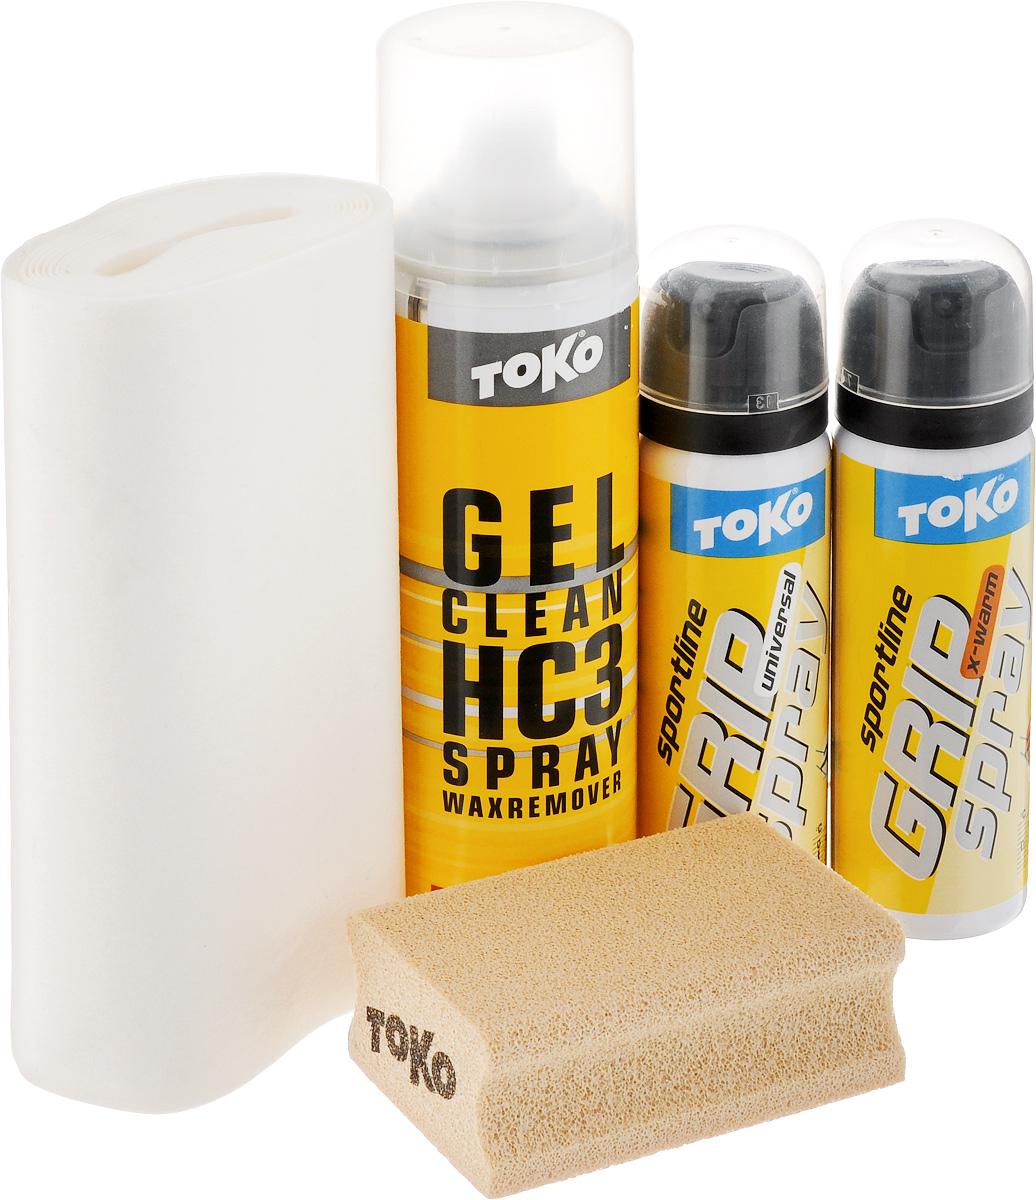 Набор для обработки лыж Toko Sport Line Grip Spray, 5 предметов(5508784) [4020-00060]Набор Sport Line Grip Spray - это идеальный помощник при занятии лыжным спортом. В набор входят: смывка, два спрея, специальная пробка и ткань для обработки поверхностей. Смывка-спрей предназначен для очистки колодки на лыжах. Спреи предназначены для держания при отталкивания в разных температурных условиях. Специальная ткань и пробка помогут вам обработать лыжи быстро и качественно.Порадуйте себя качественным и полезным набором.Объем гель-спрея Gel Clean: 150 мл.Объем спрея Grip Spray Universal: 70 мл.Объем спрея Grip Spray X-warm: 70 мл.Размер пробки: 7,7 х 5 х 3 см.Товар сертифицирован.